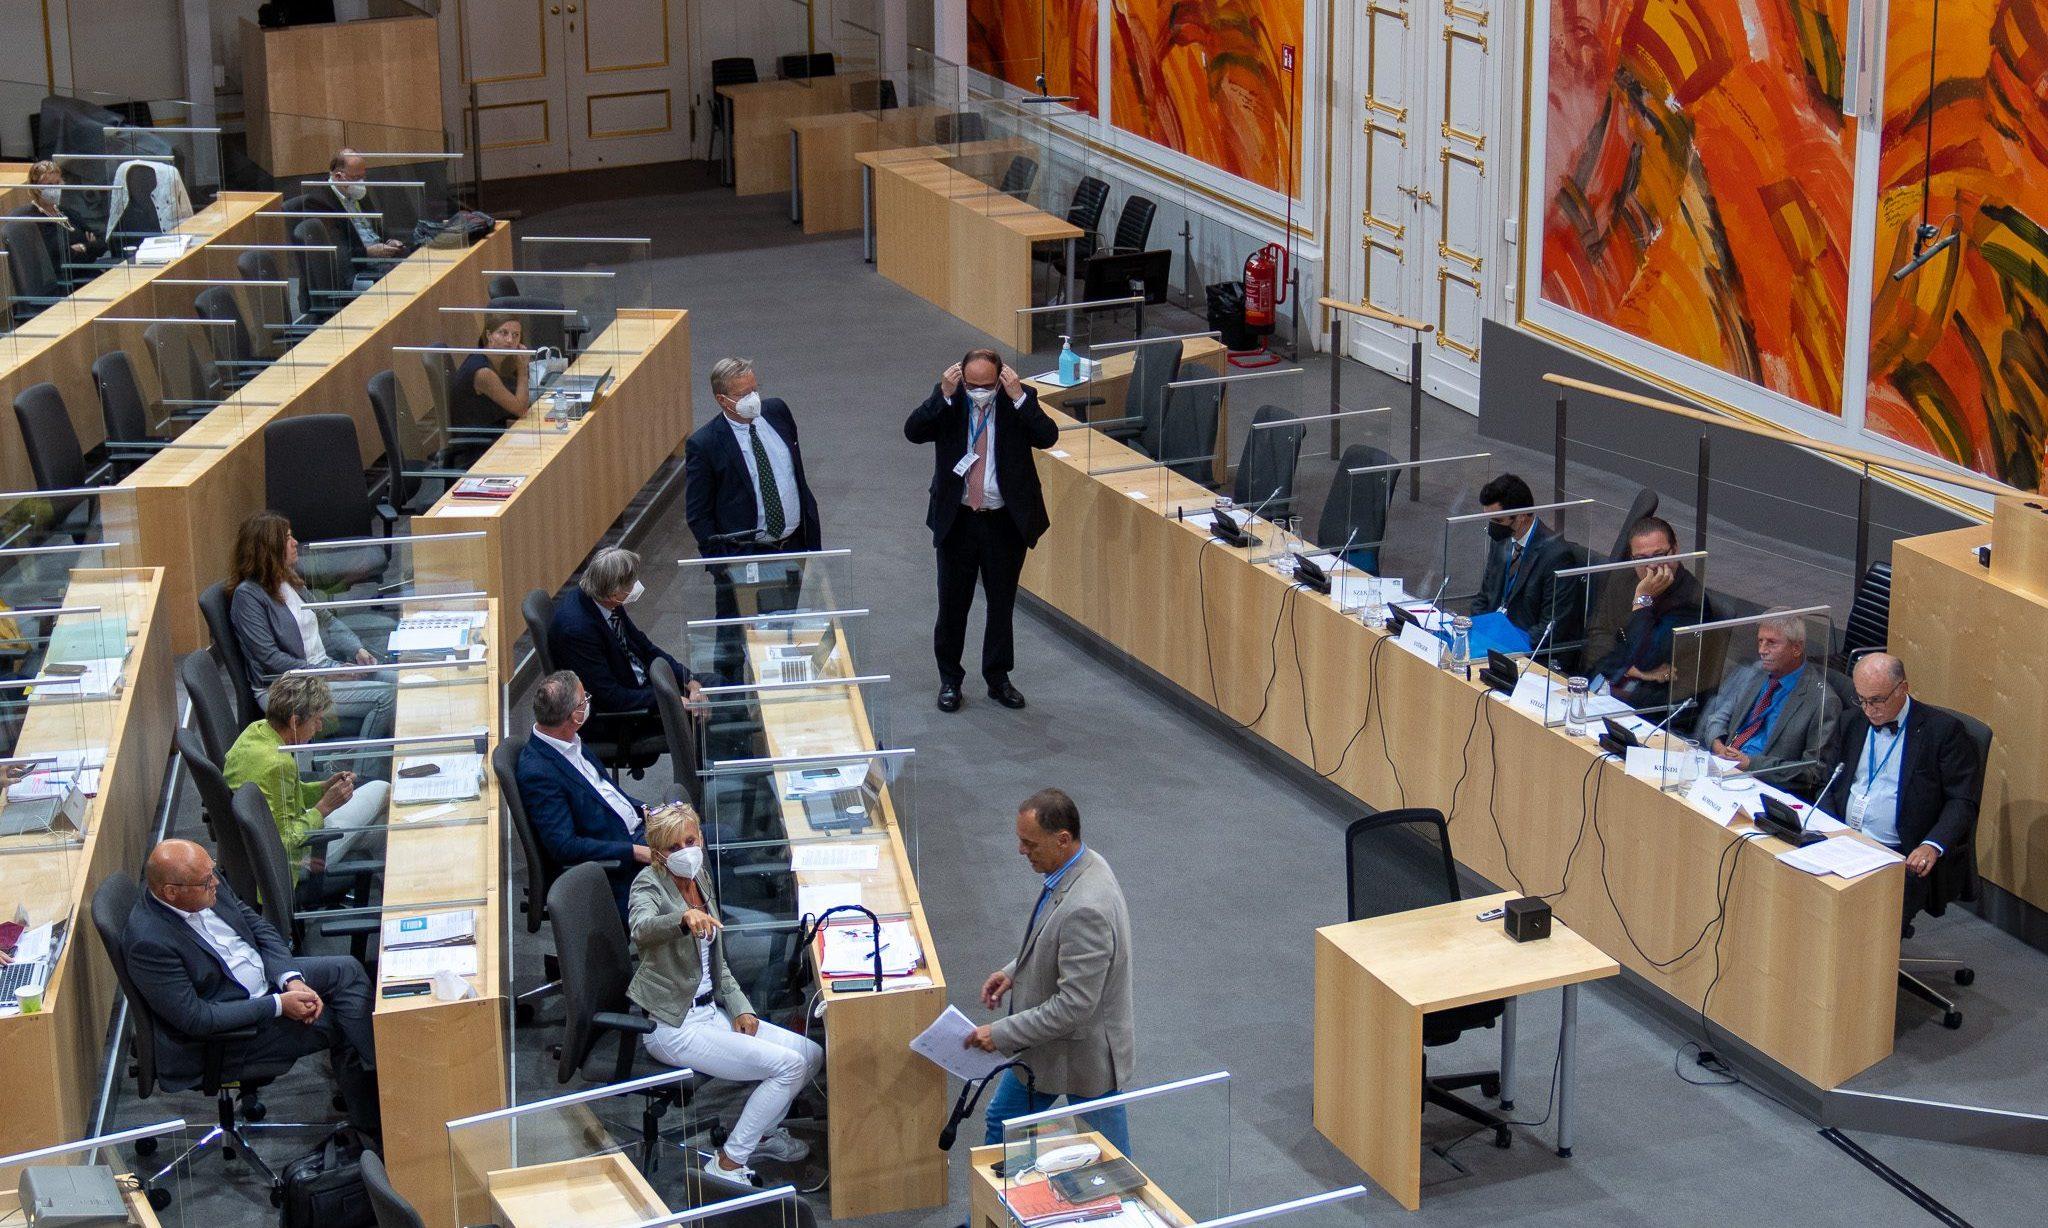 Gesundheitsausschuss / Parlament